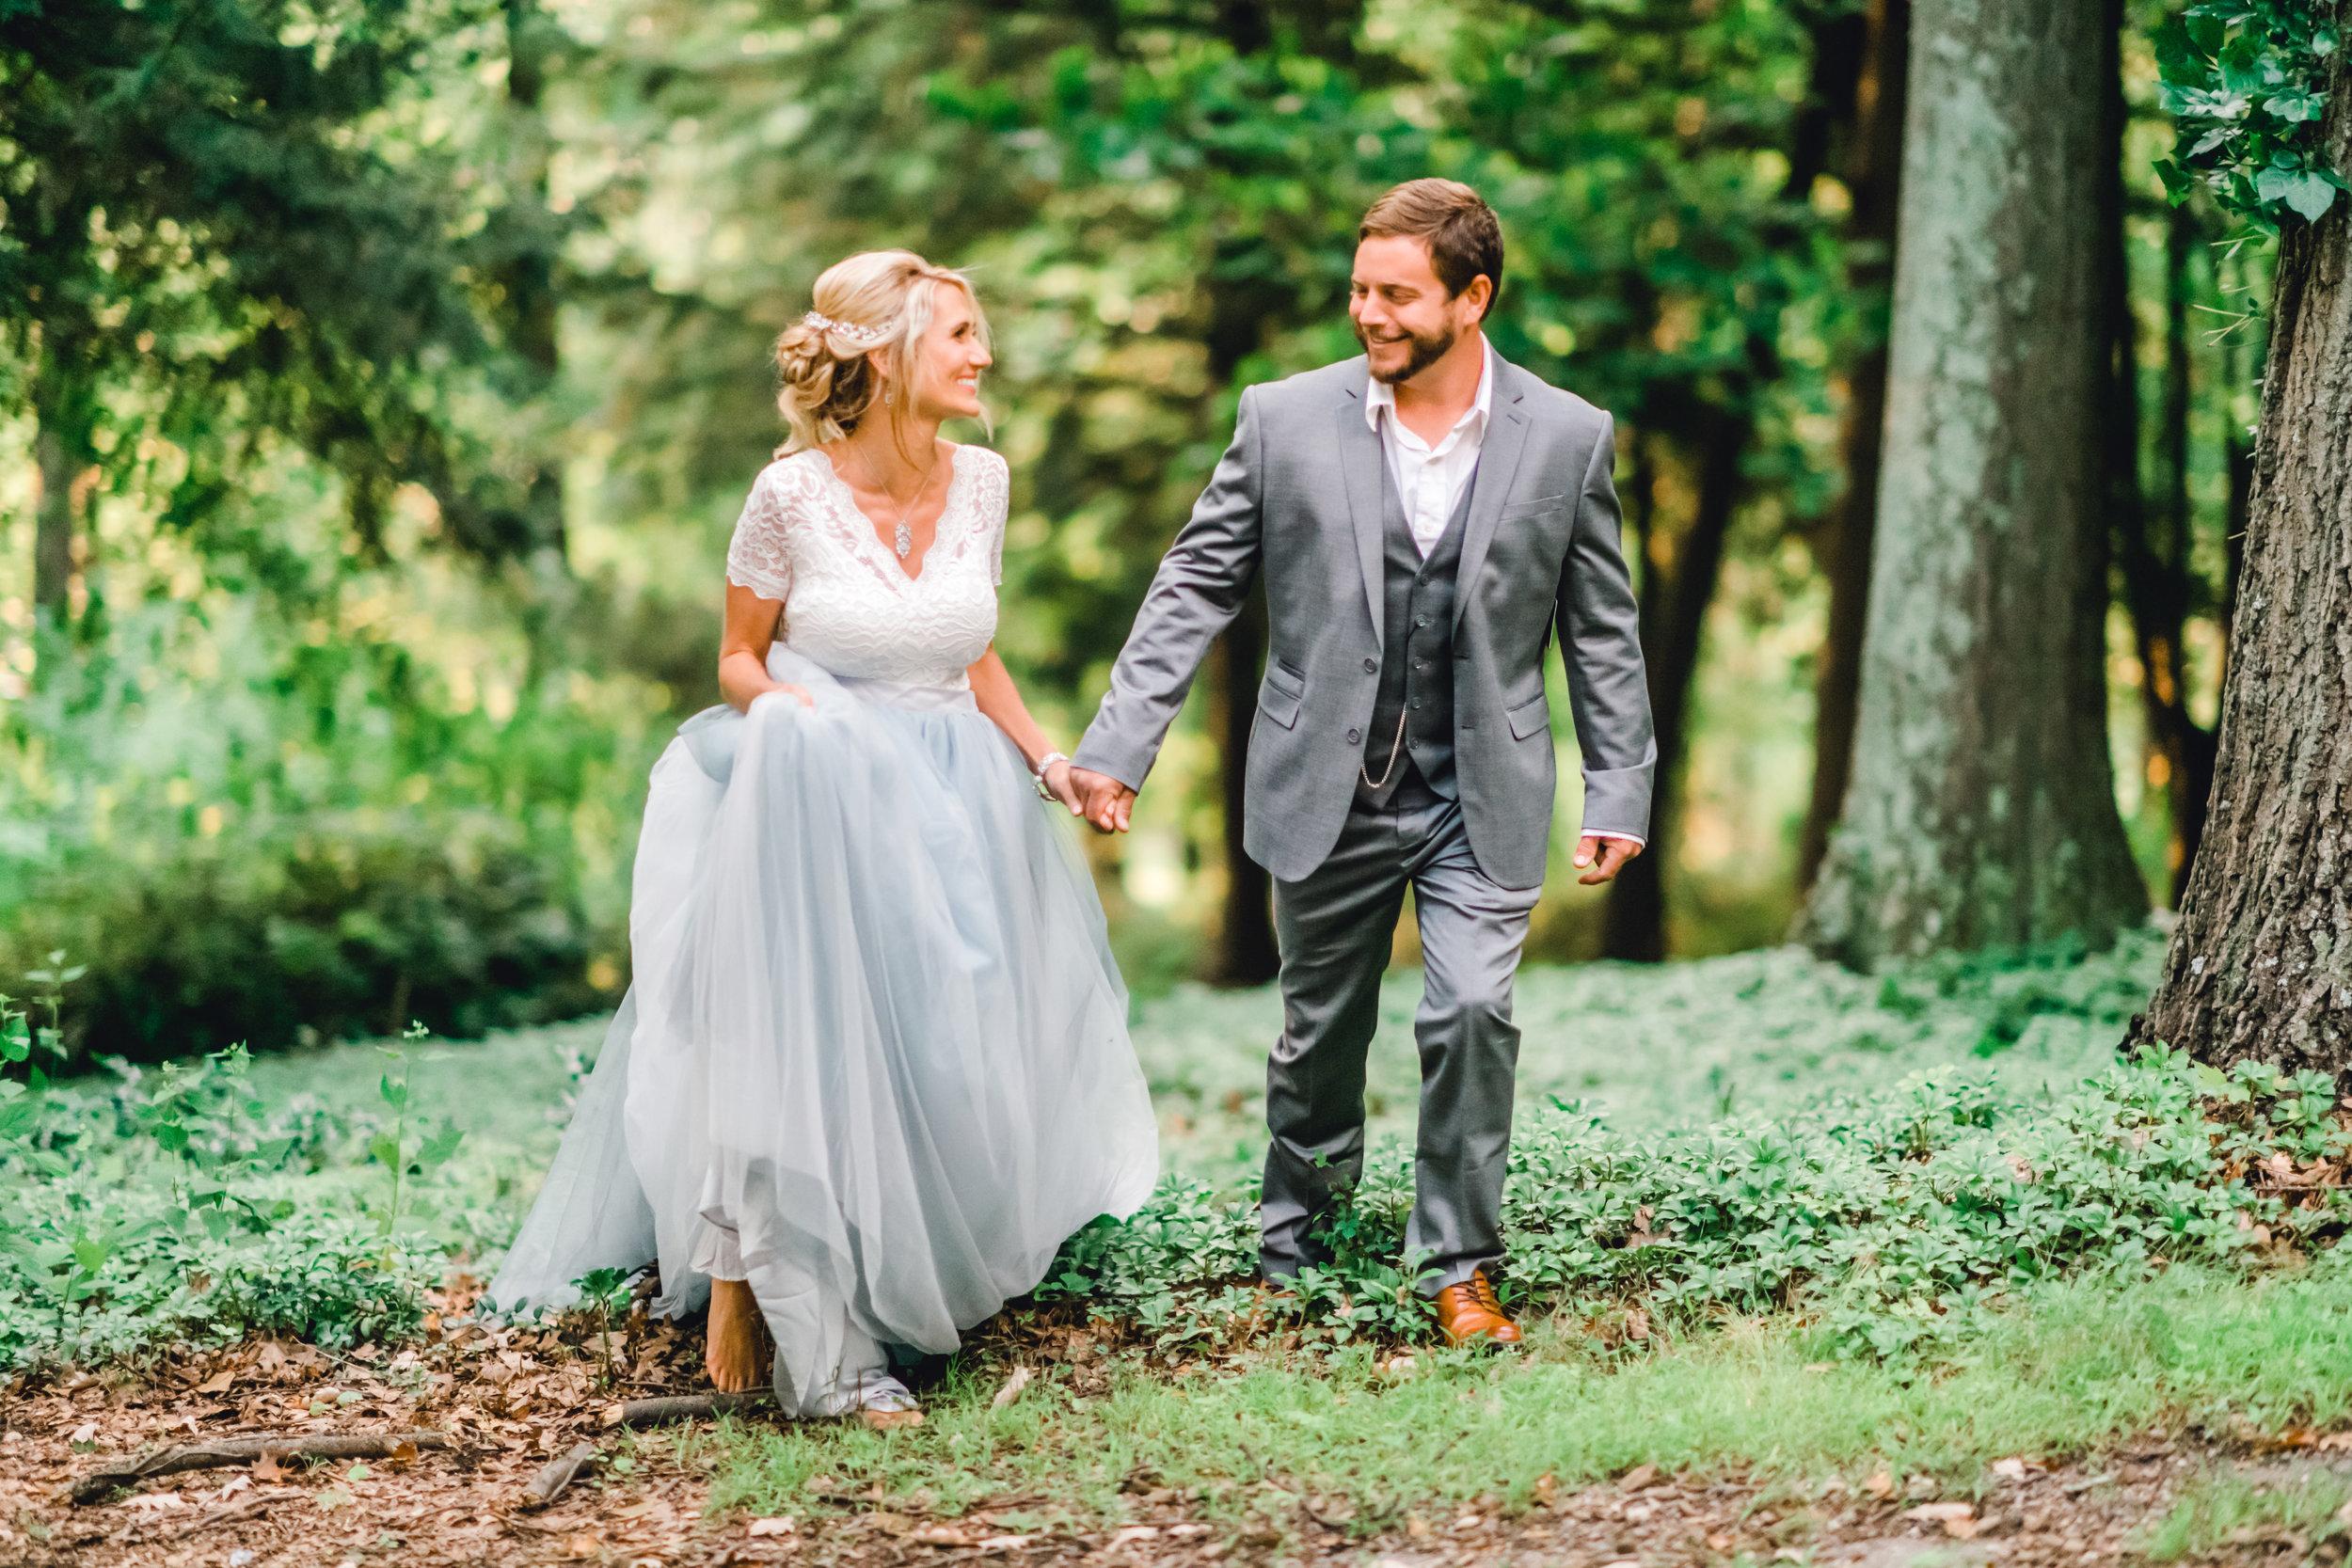 Jessica-Garda-Events-Pittsburgh-Wedding-Planner-Mansion-Butler-Blue-Grey-Orange-Palette (100).jpg